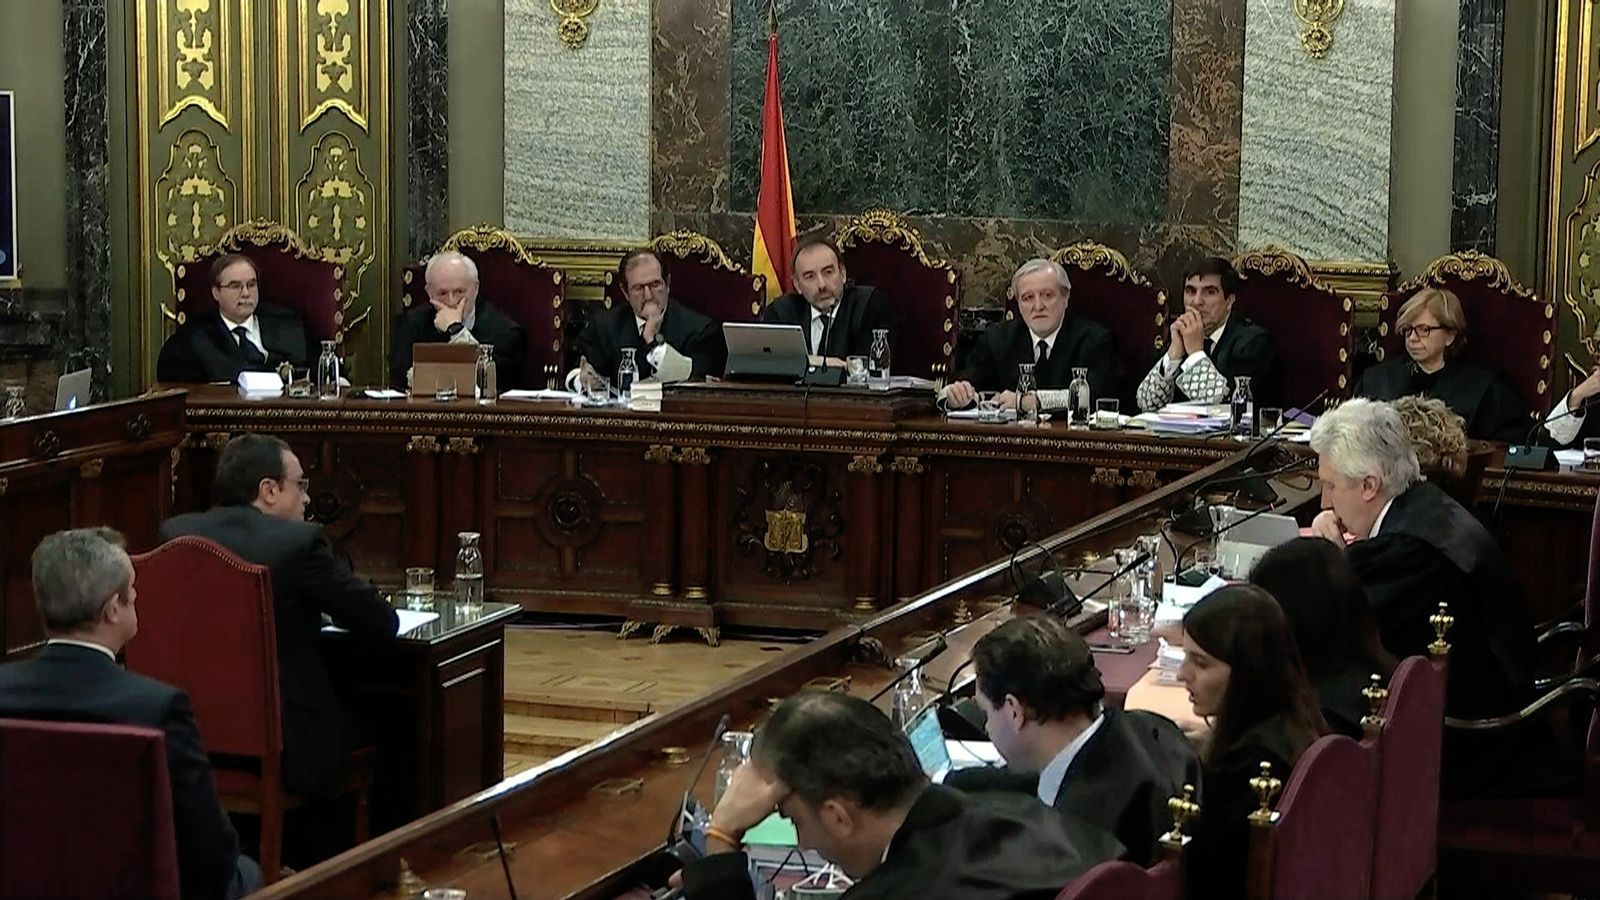 L'informe poc neutral de RSF que cita Consuelo Madrigal